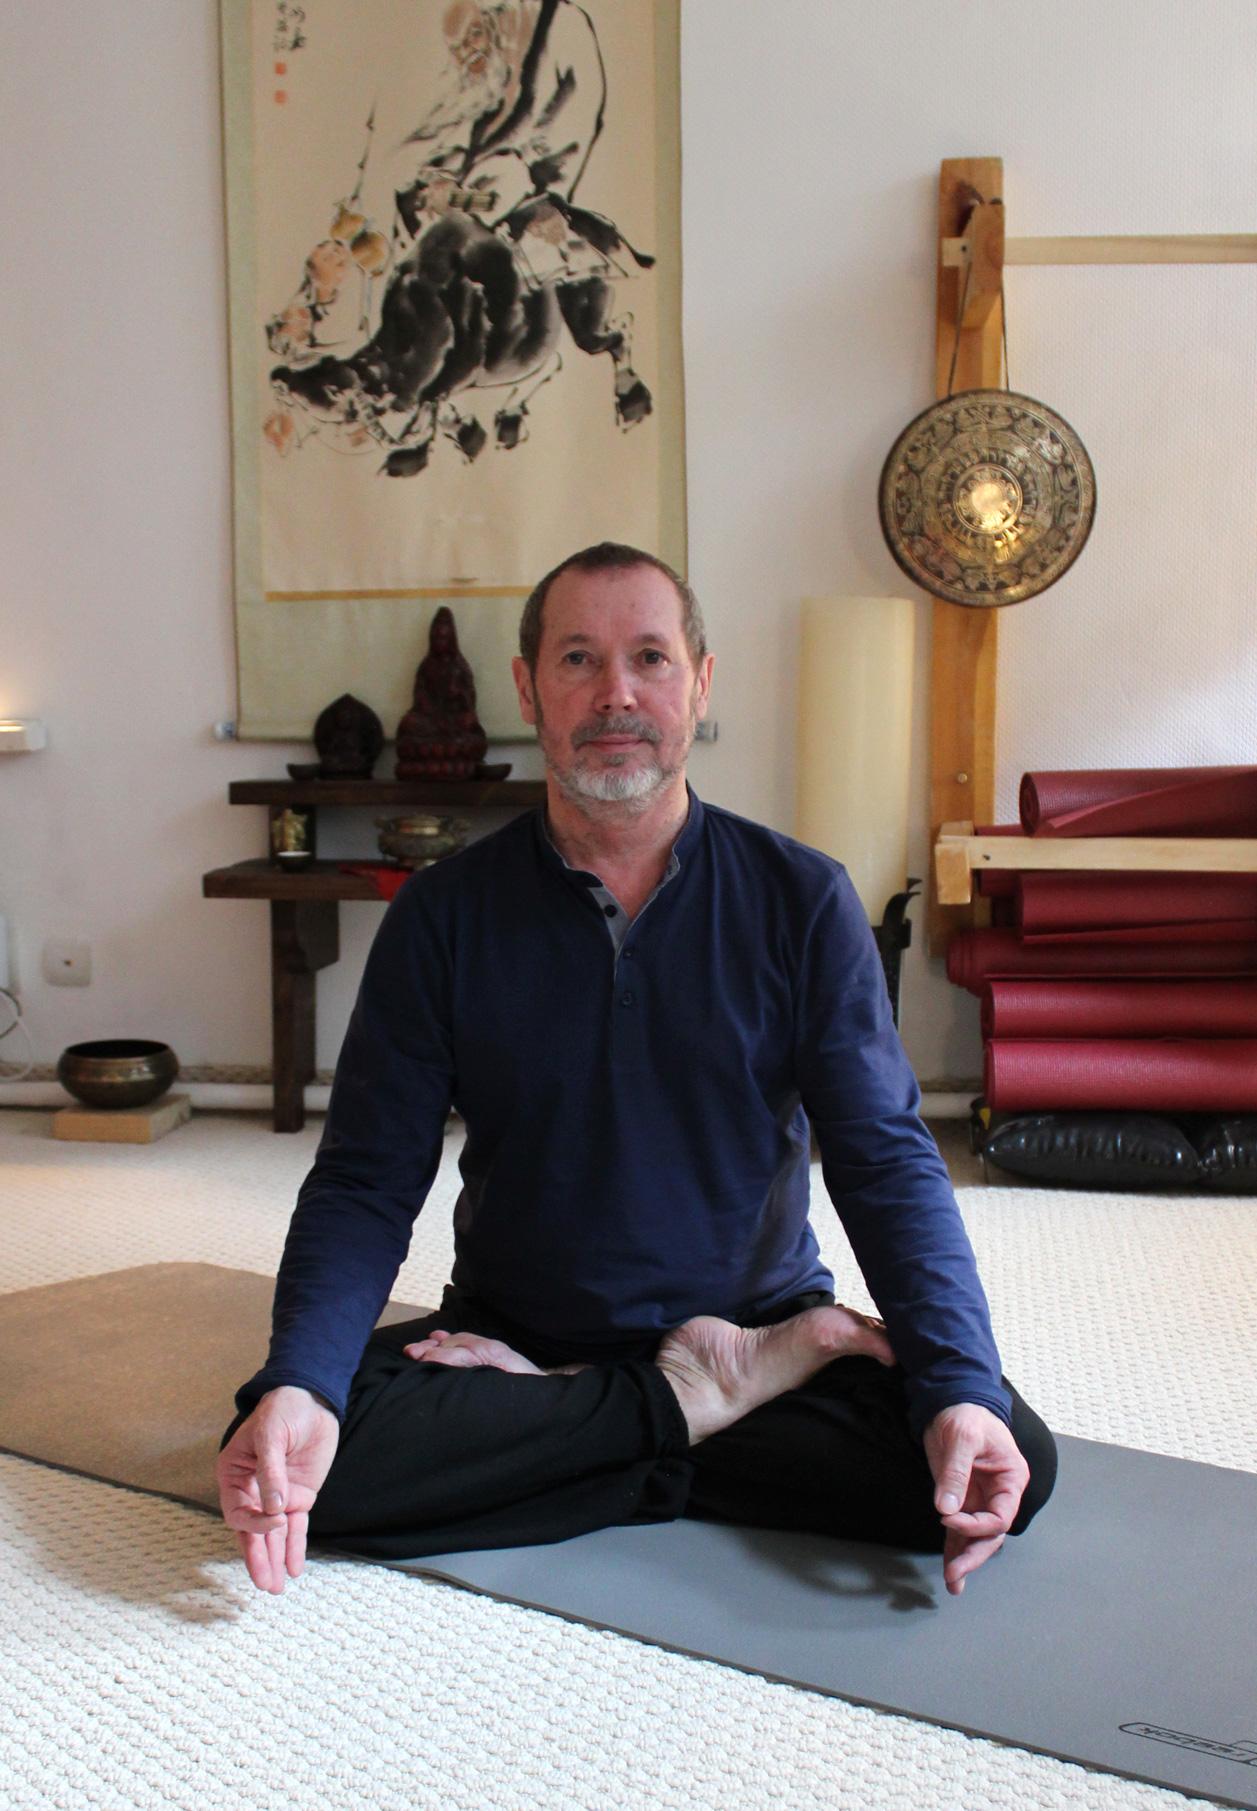 Мясников АА - преподаватель йоги в Нижнем Ноговроде